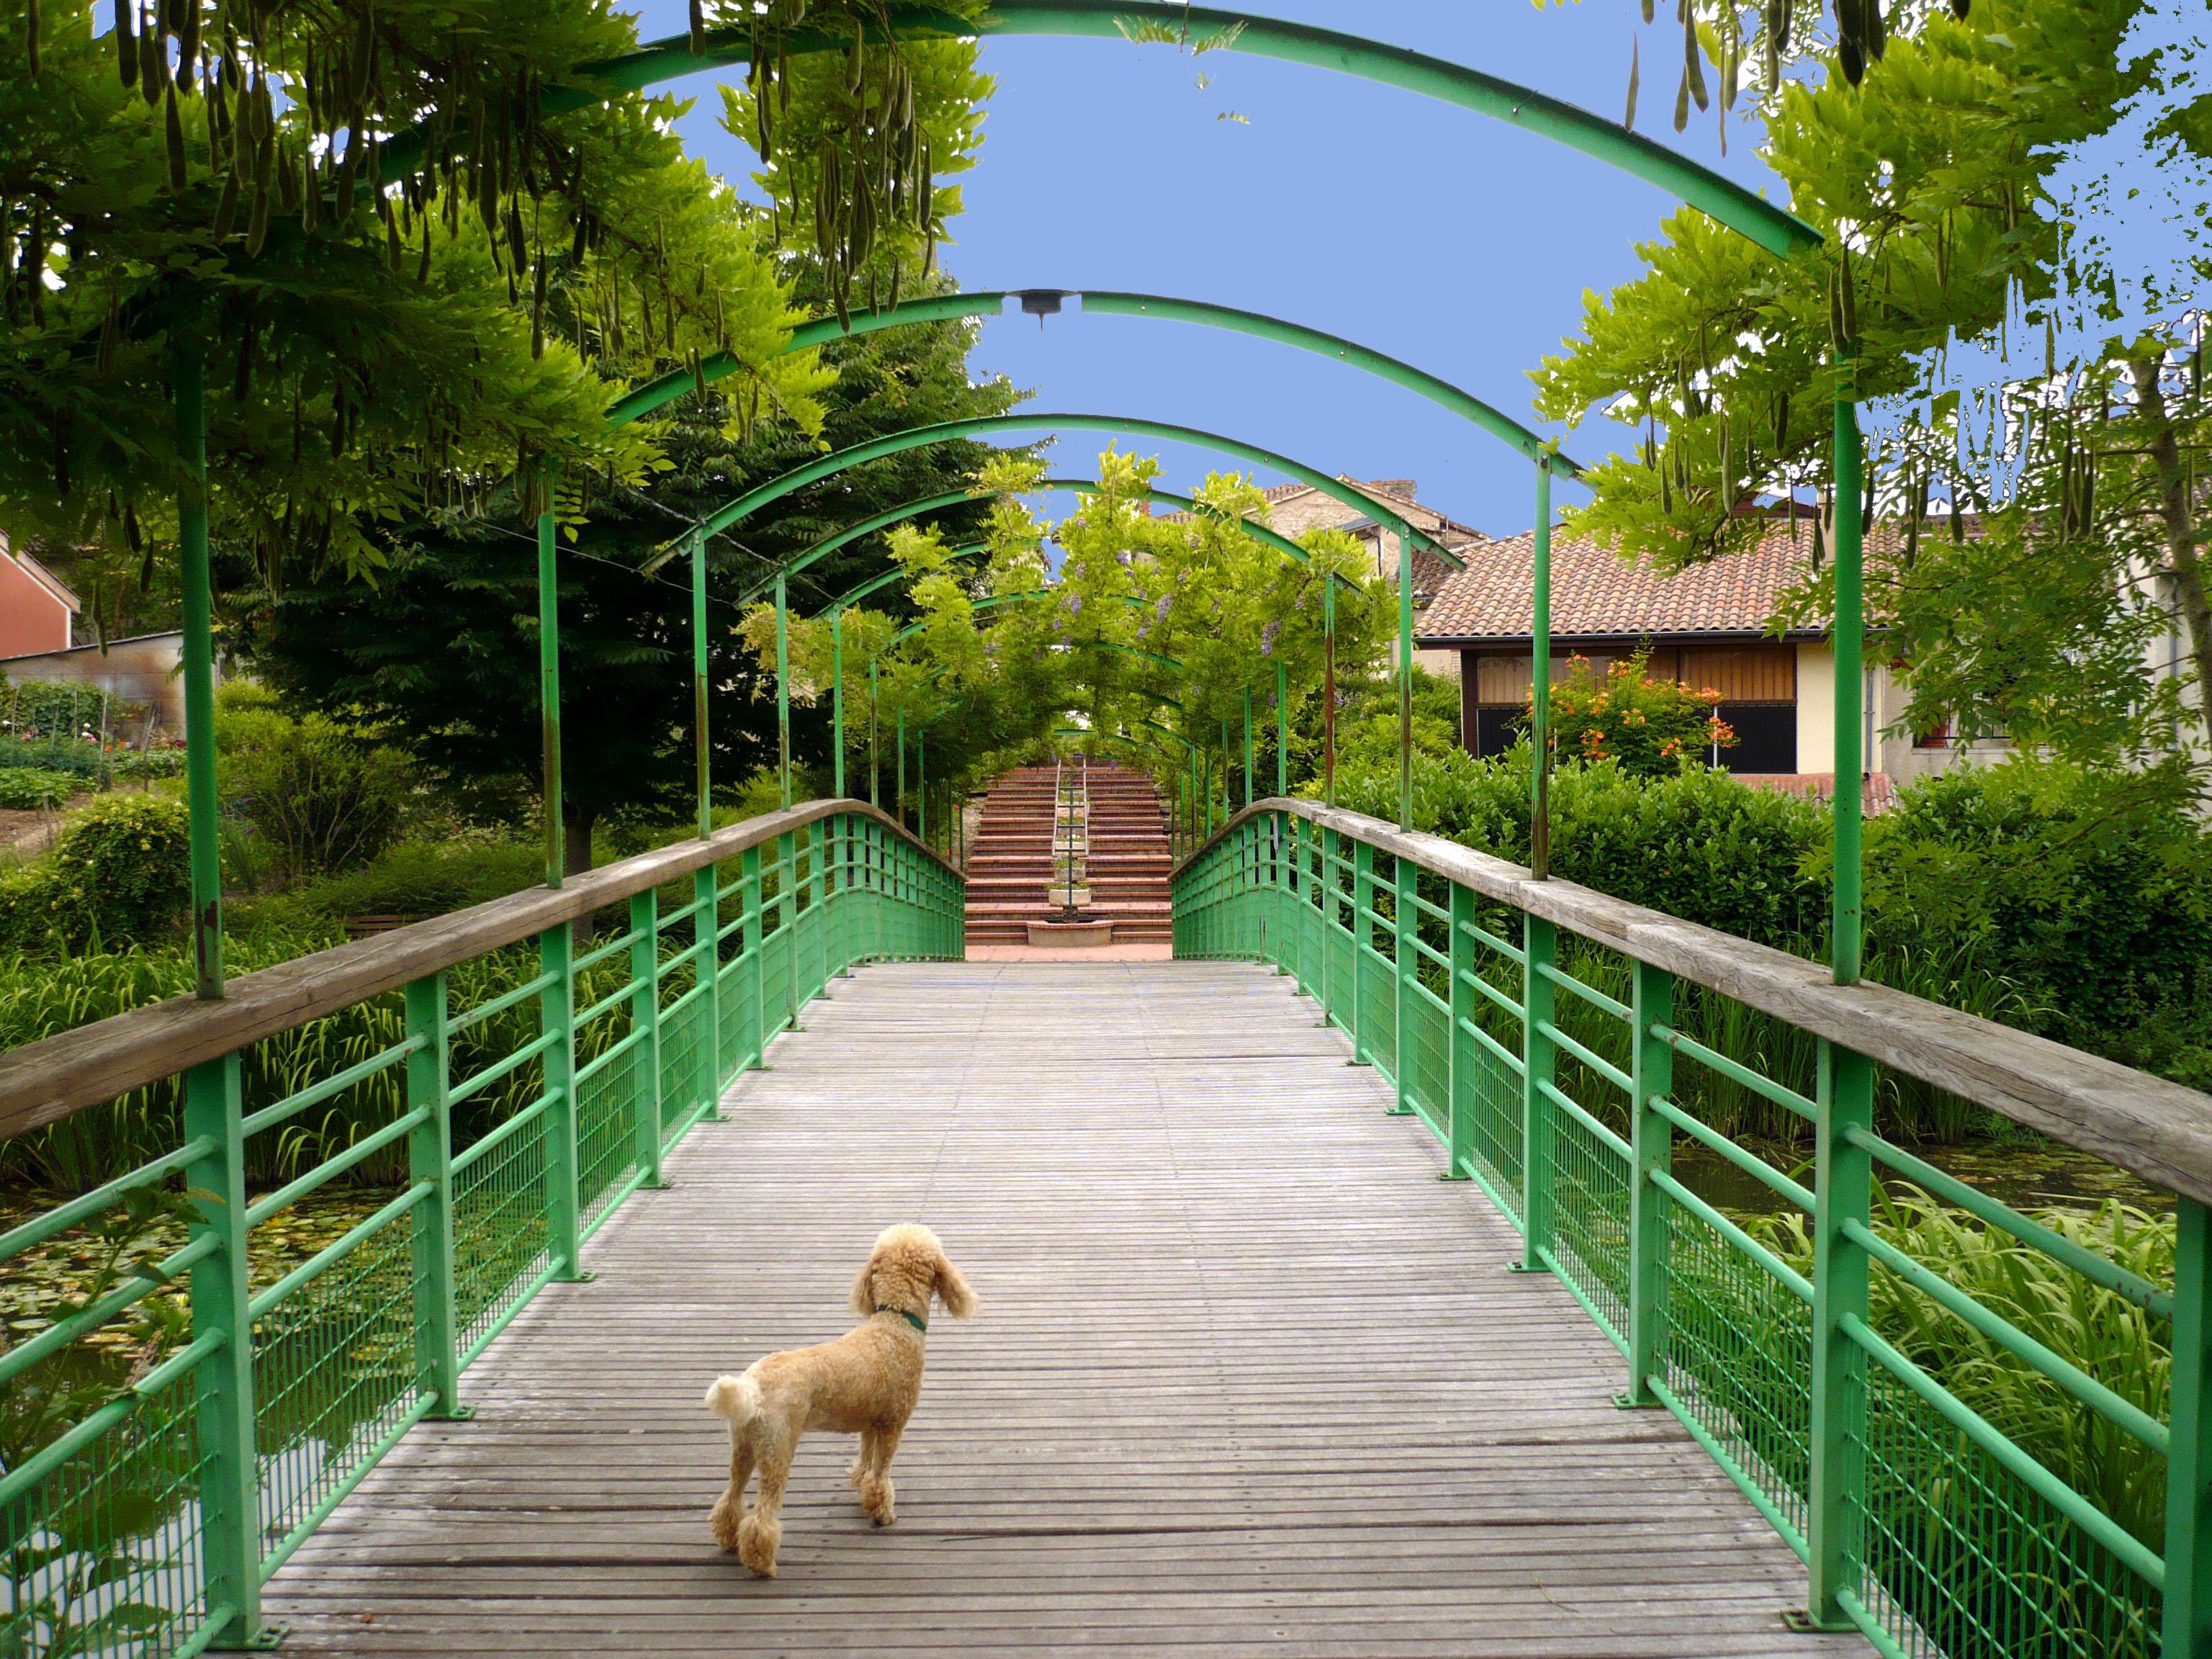 Photo le temple sur lot 47110 pont passant au dessus - Jardin des nenuphars le temple sur lot ...